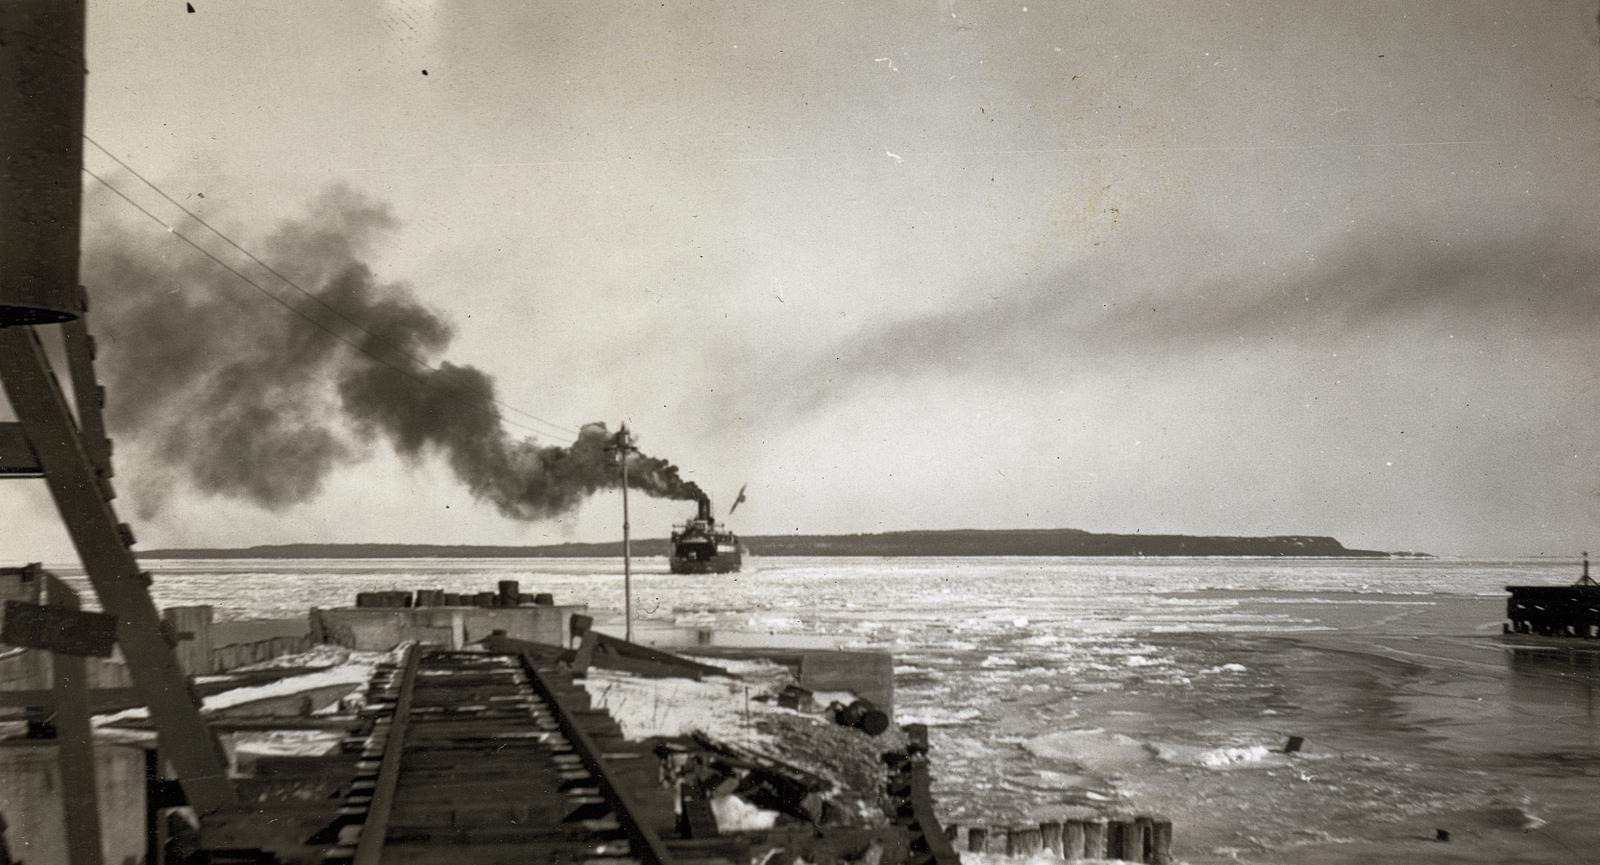 Straits of Mackinac